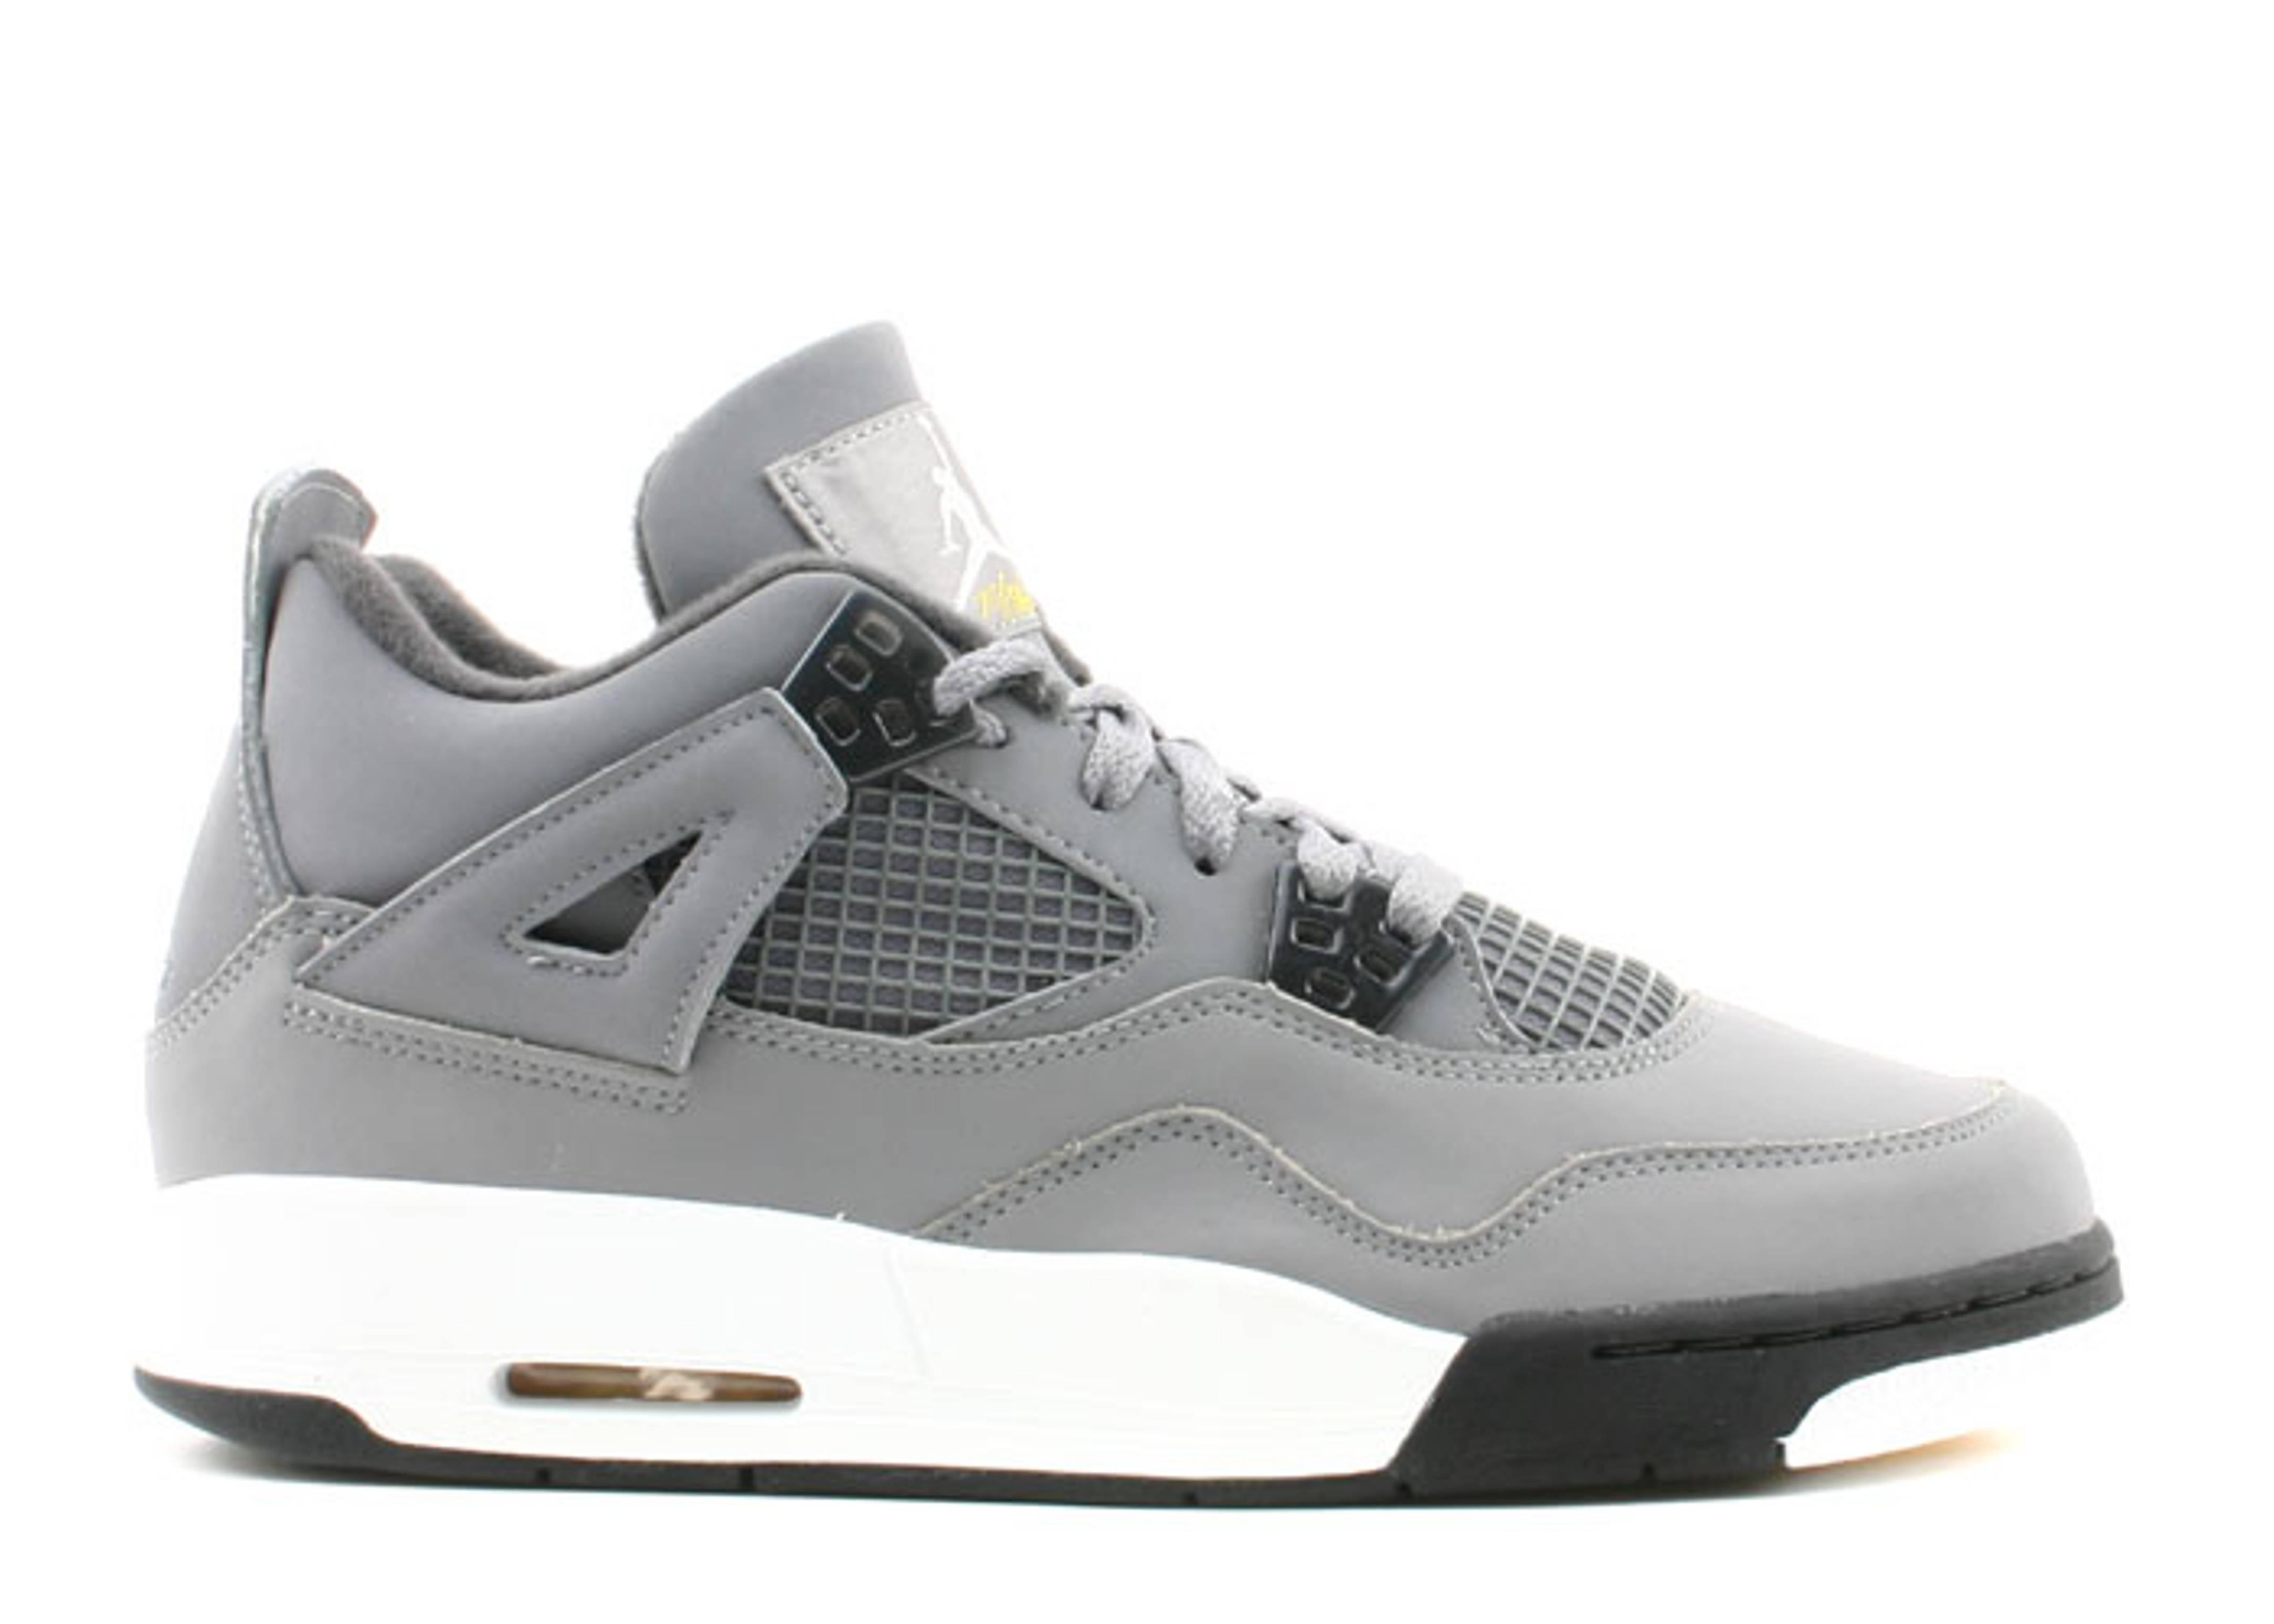 6680116cf42b09 Air Jordan 4 Retro (gs) - Air Jordan - 308498 001 - cool grey chrome ...